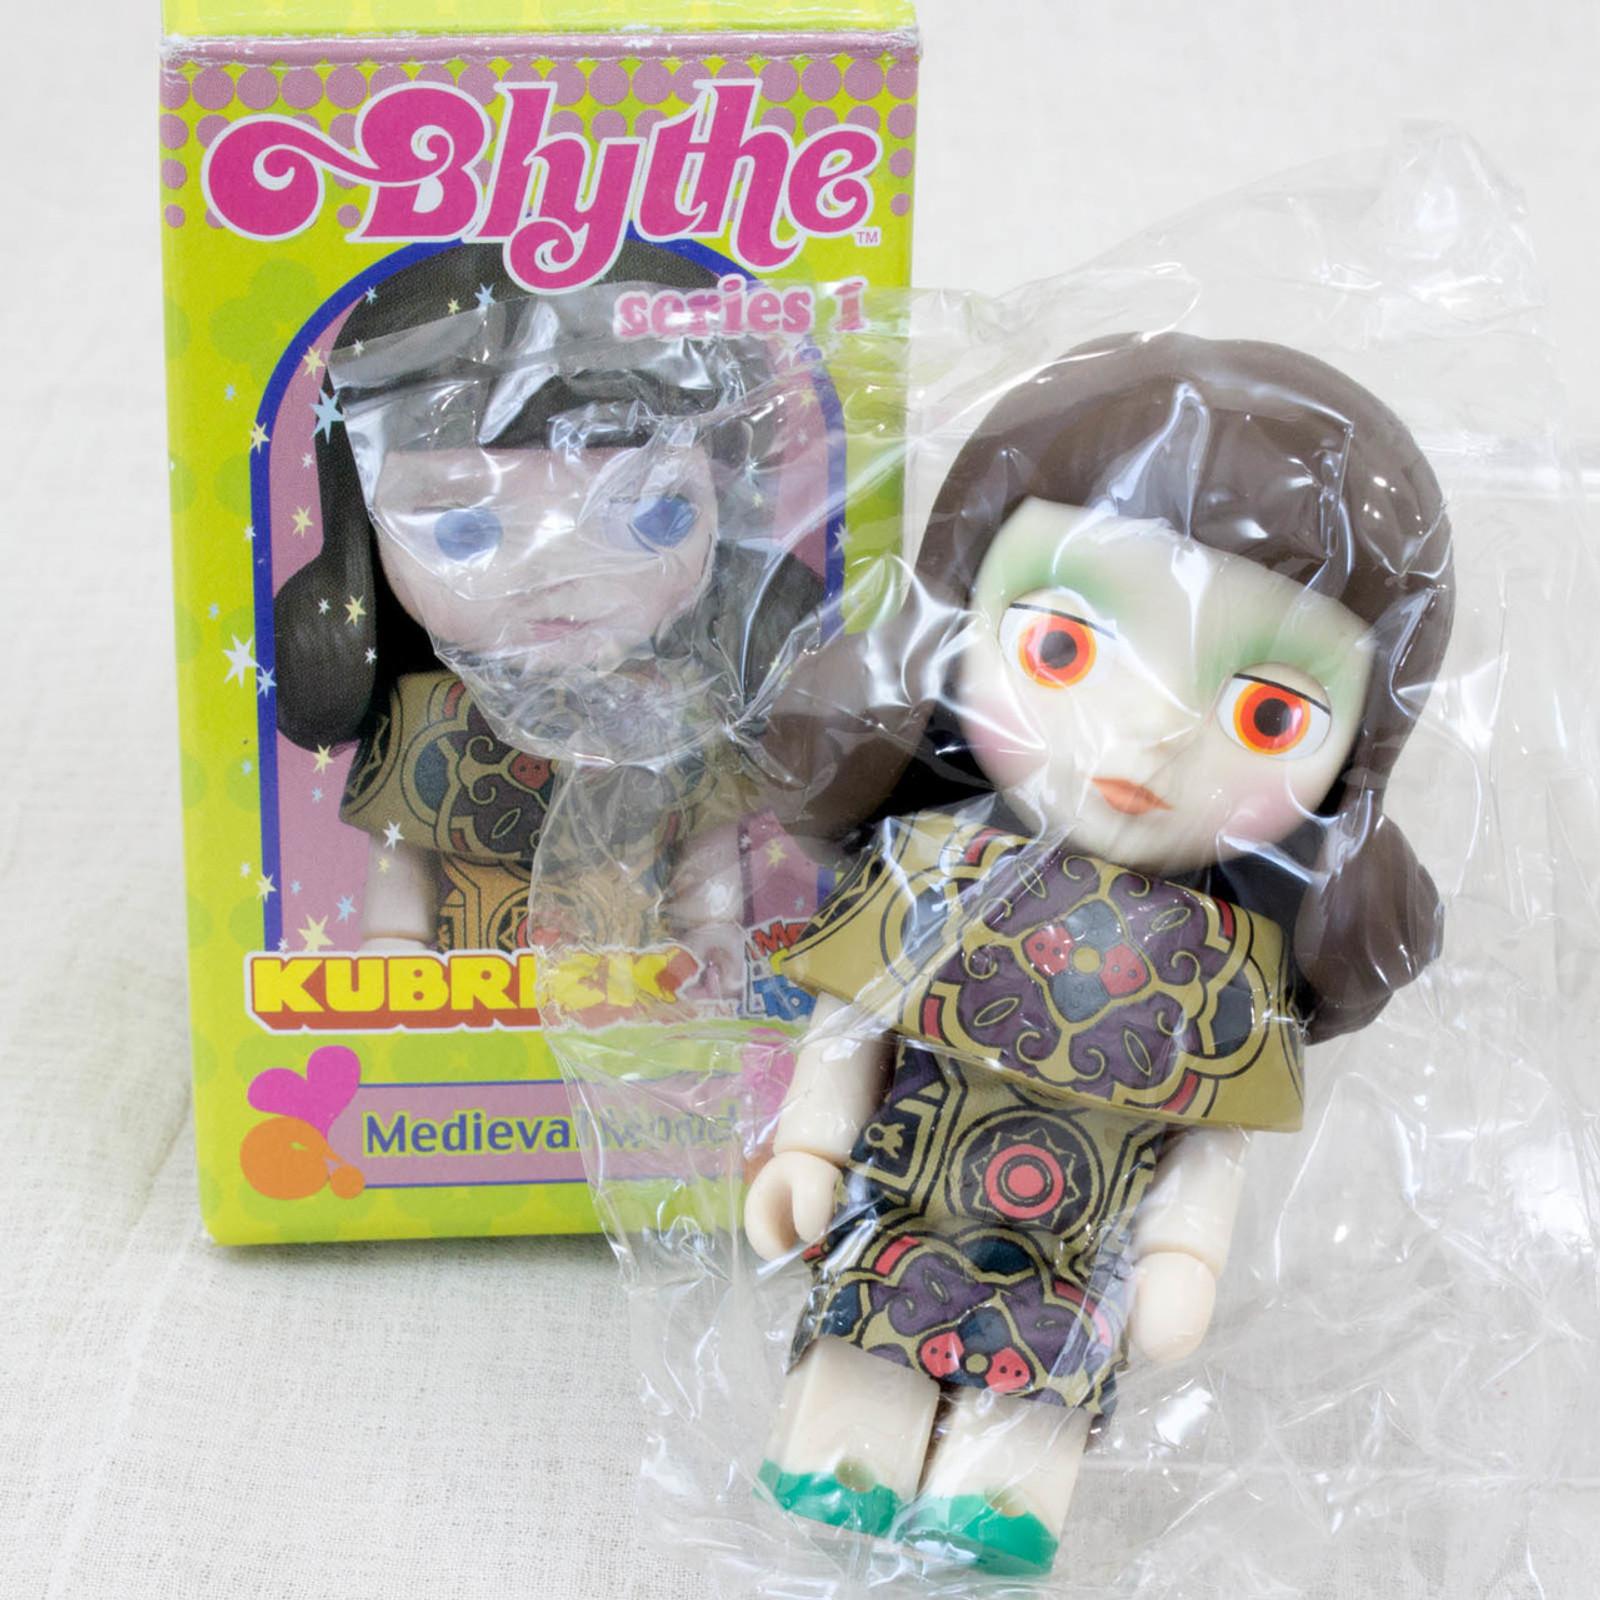 Blythe Series 1 Medieval Mood Kubrick Medicom Toy JAPAN